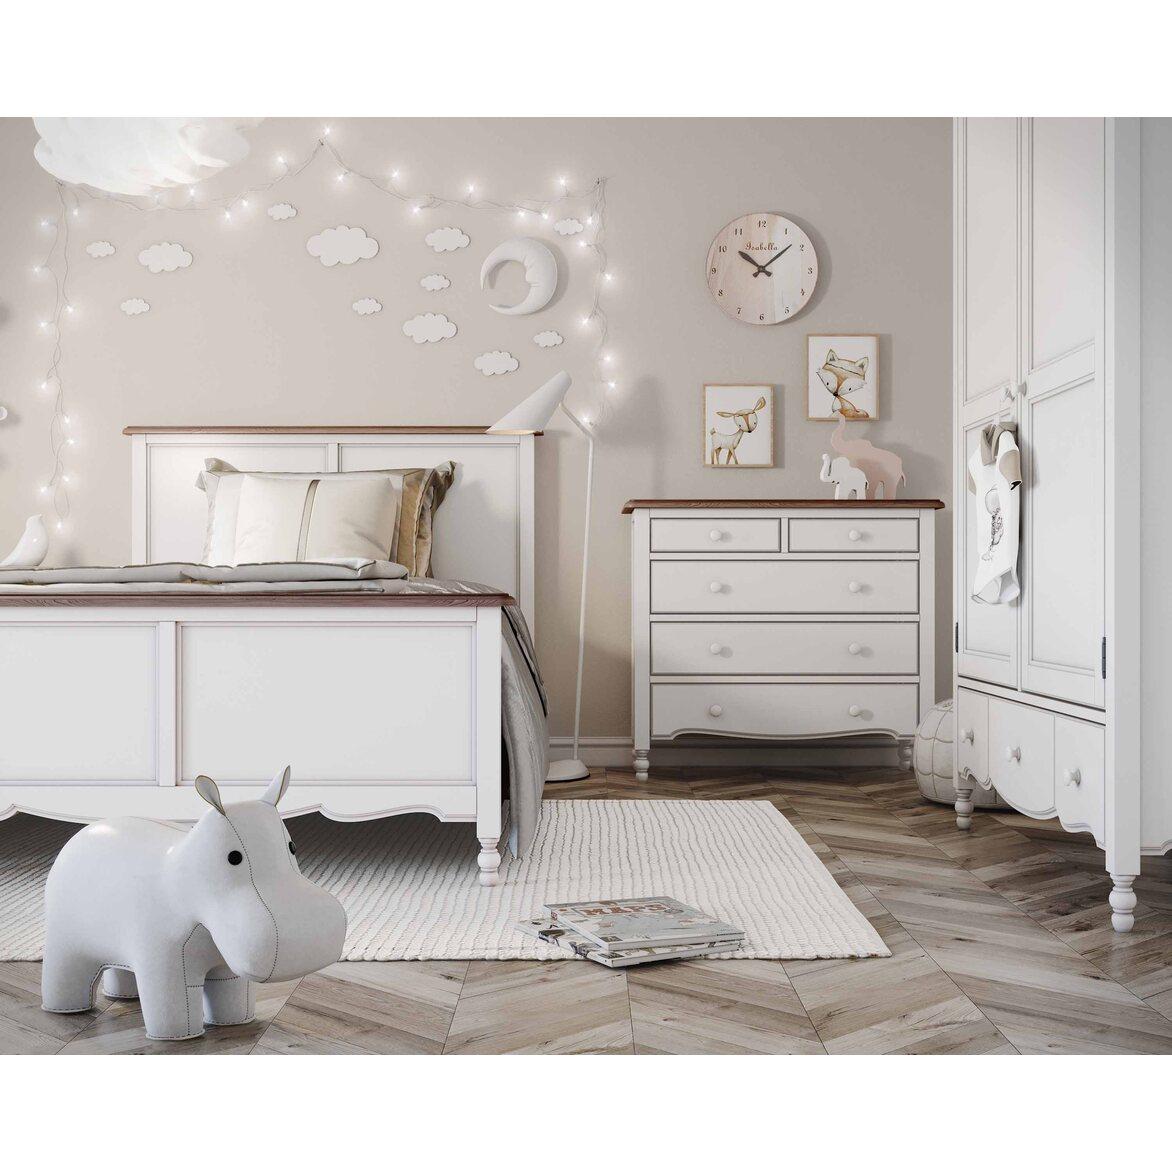 Письменный стол с 3-я ящиками Leblanc, белый 7 | Письменные столы Kingsby